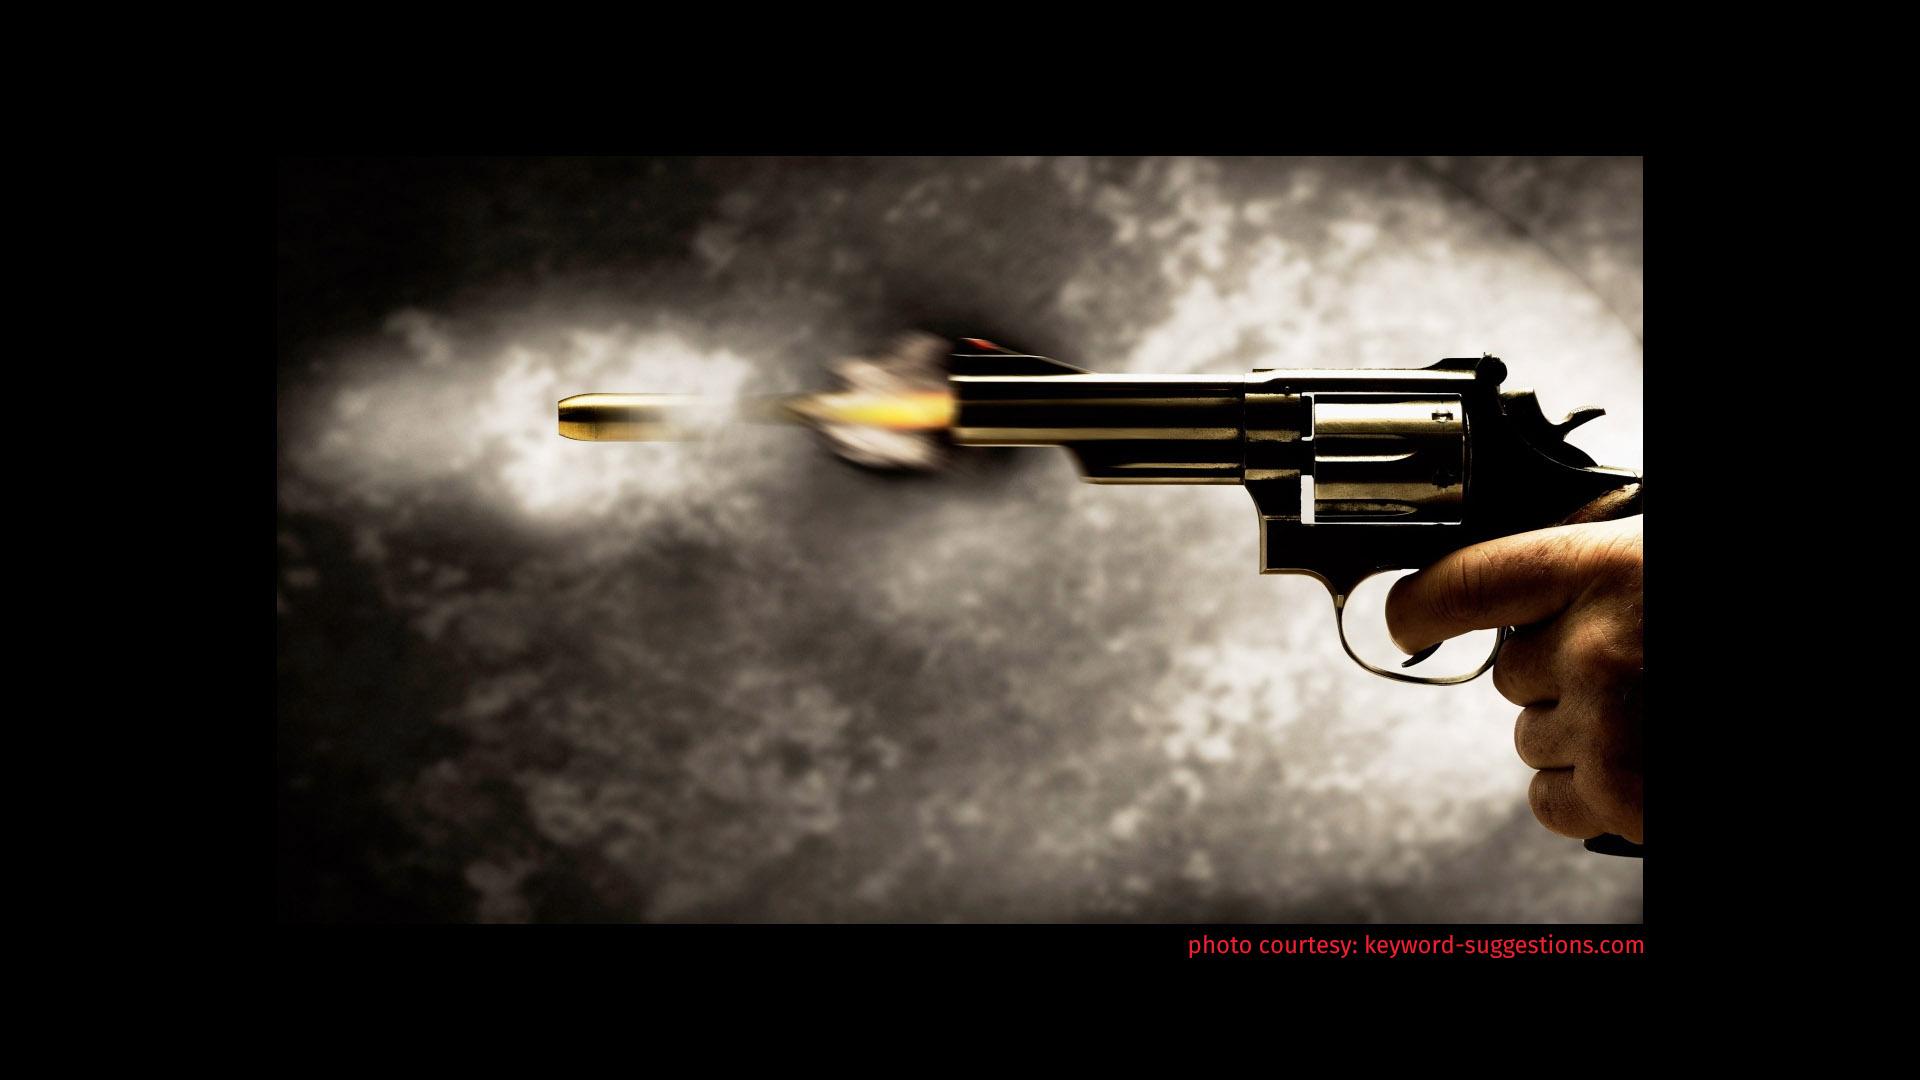 Gun shooting Keyword-Suggestionsdotcom